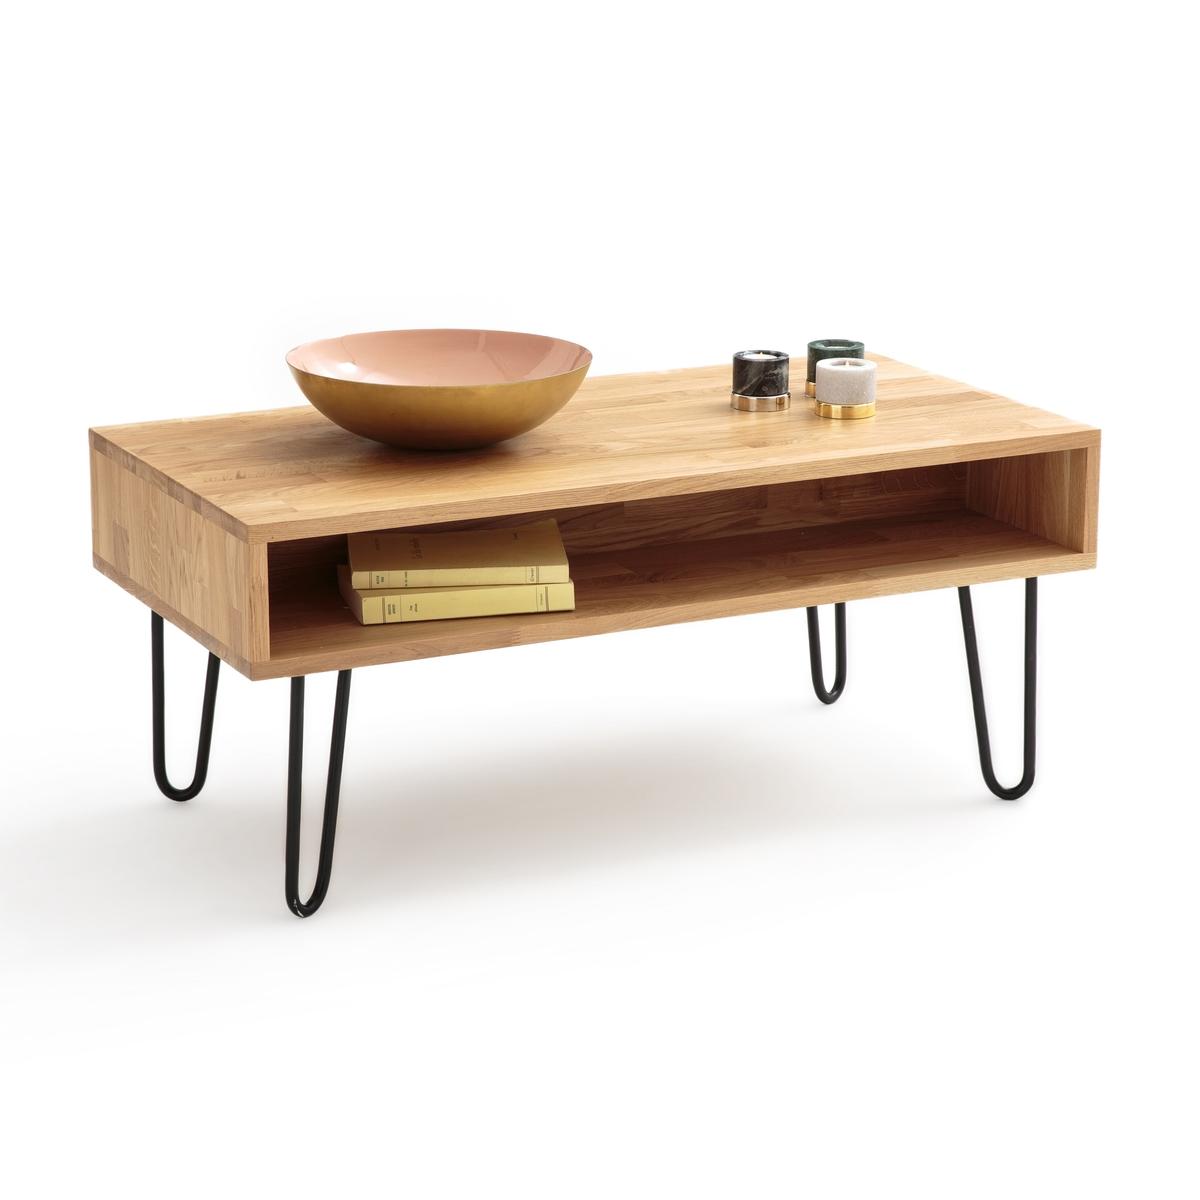 Столик La Redoute Журнальный из дуба AZDA единый размер каштановый столик журнальный в винтажном стиле из обыкновенного дуба quilda